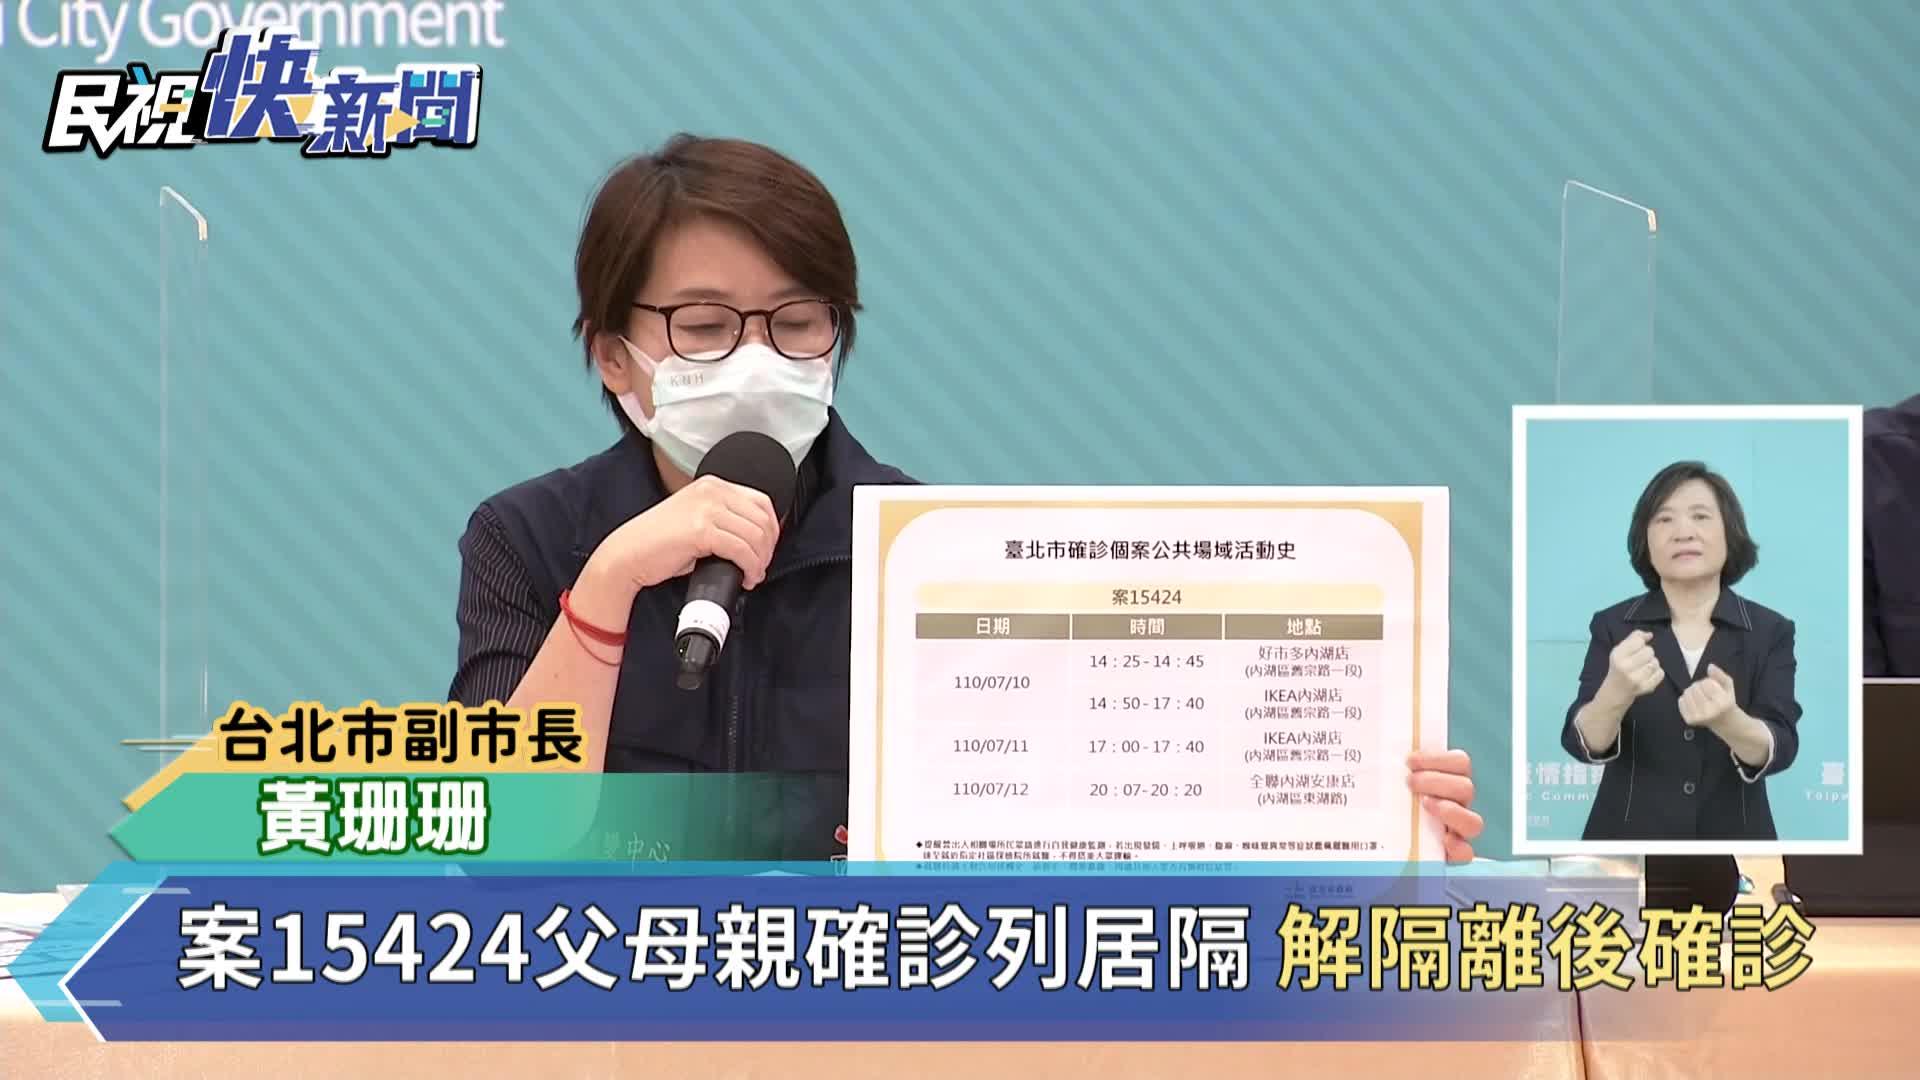 快新聞/黃珊珊曝北市2確診足跡 染疫婦疑似未戴口罩和機車行老闆聊天